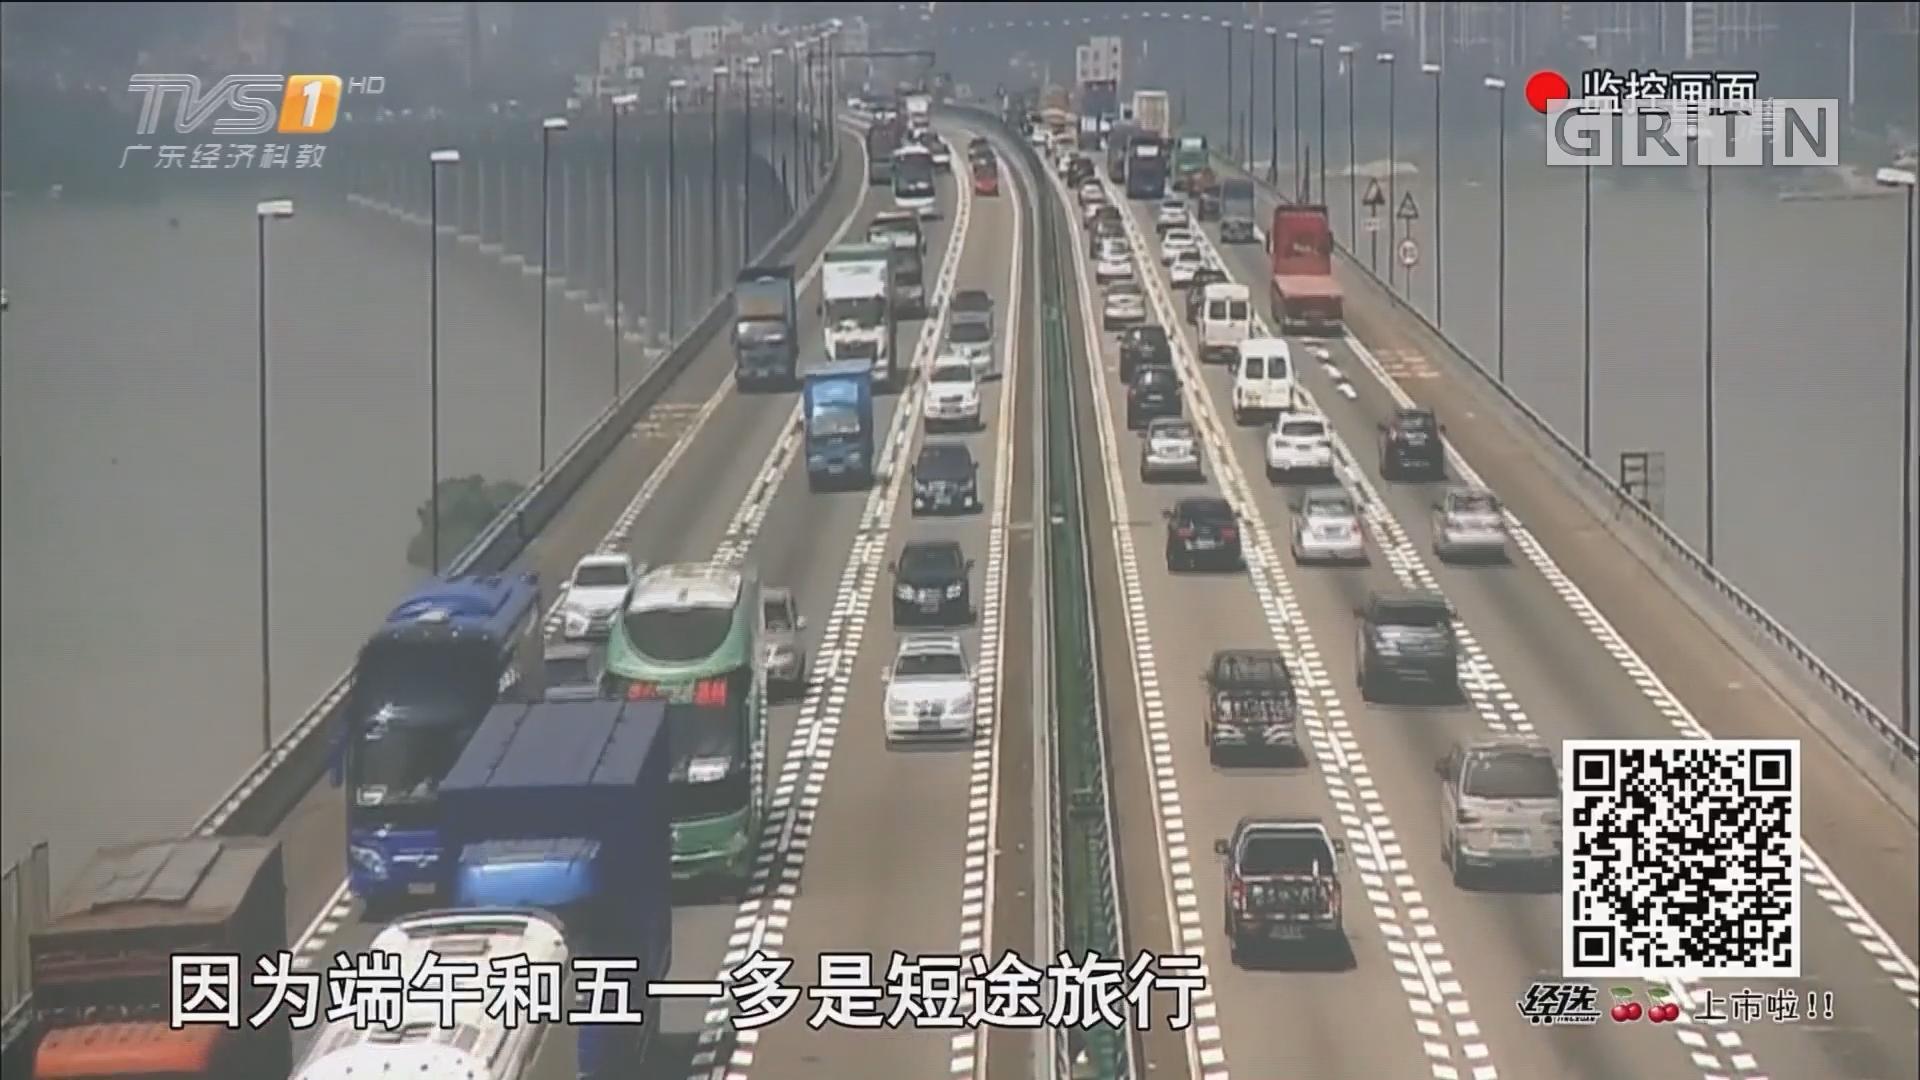 端午高速不免费 高速还像以往一样拥堵吗